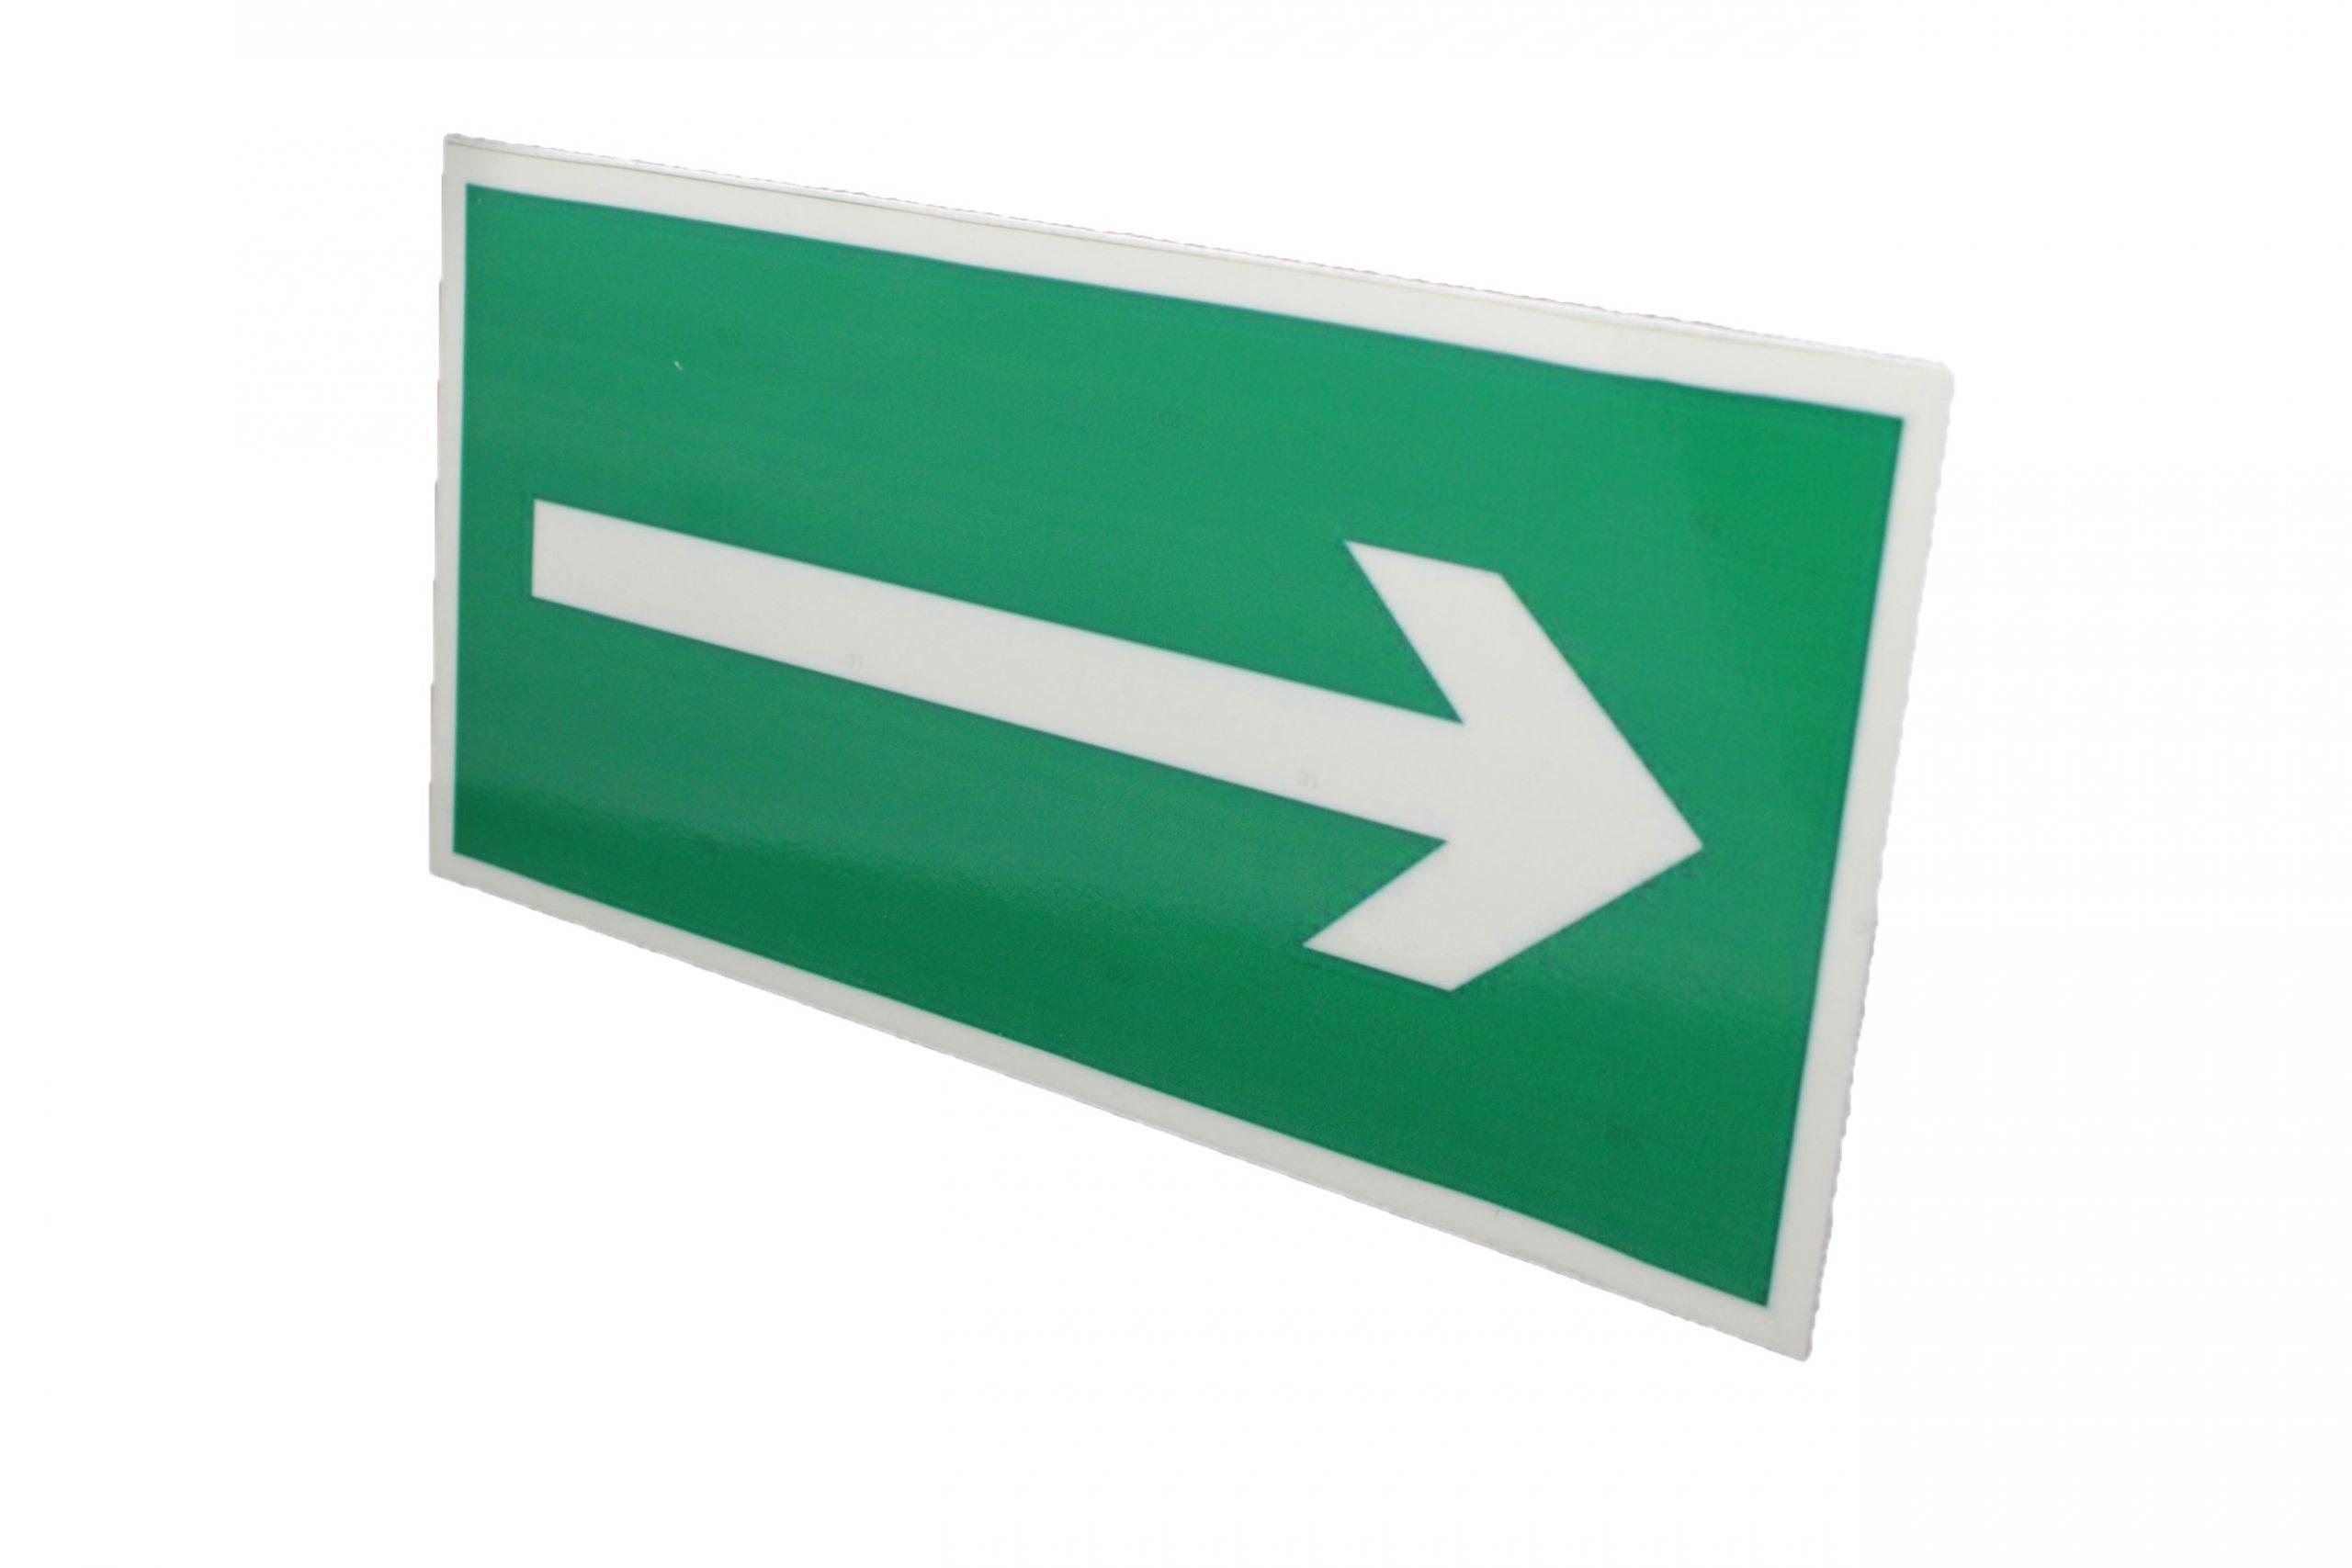 Знак эвакуации фотолюминесцентный направляющая стрелка вправо